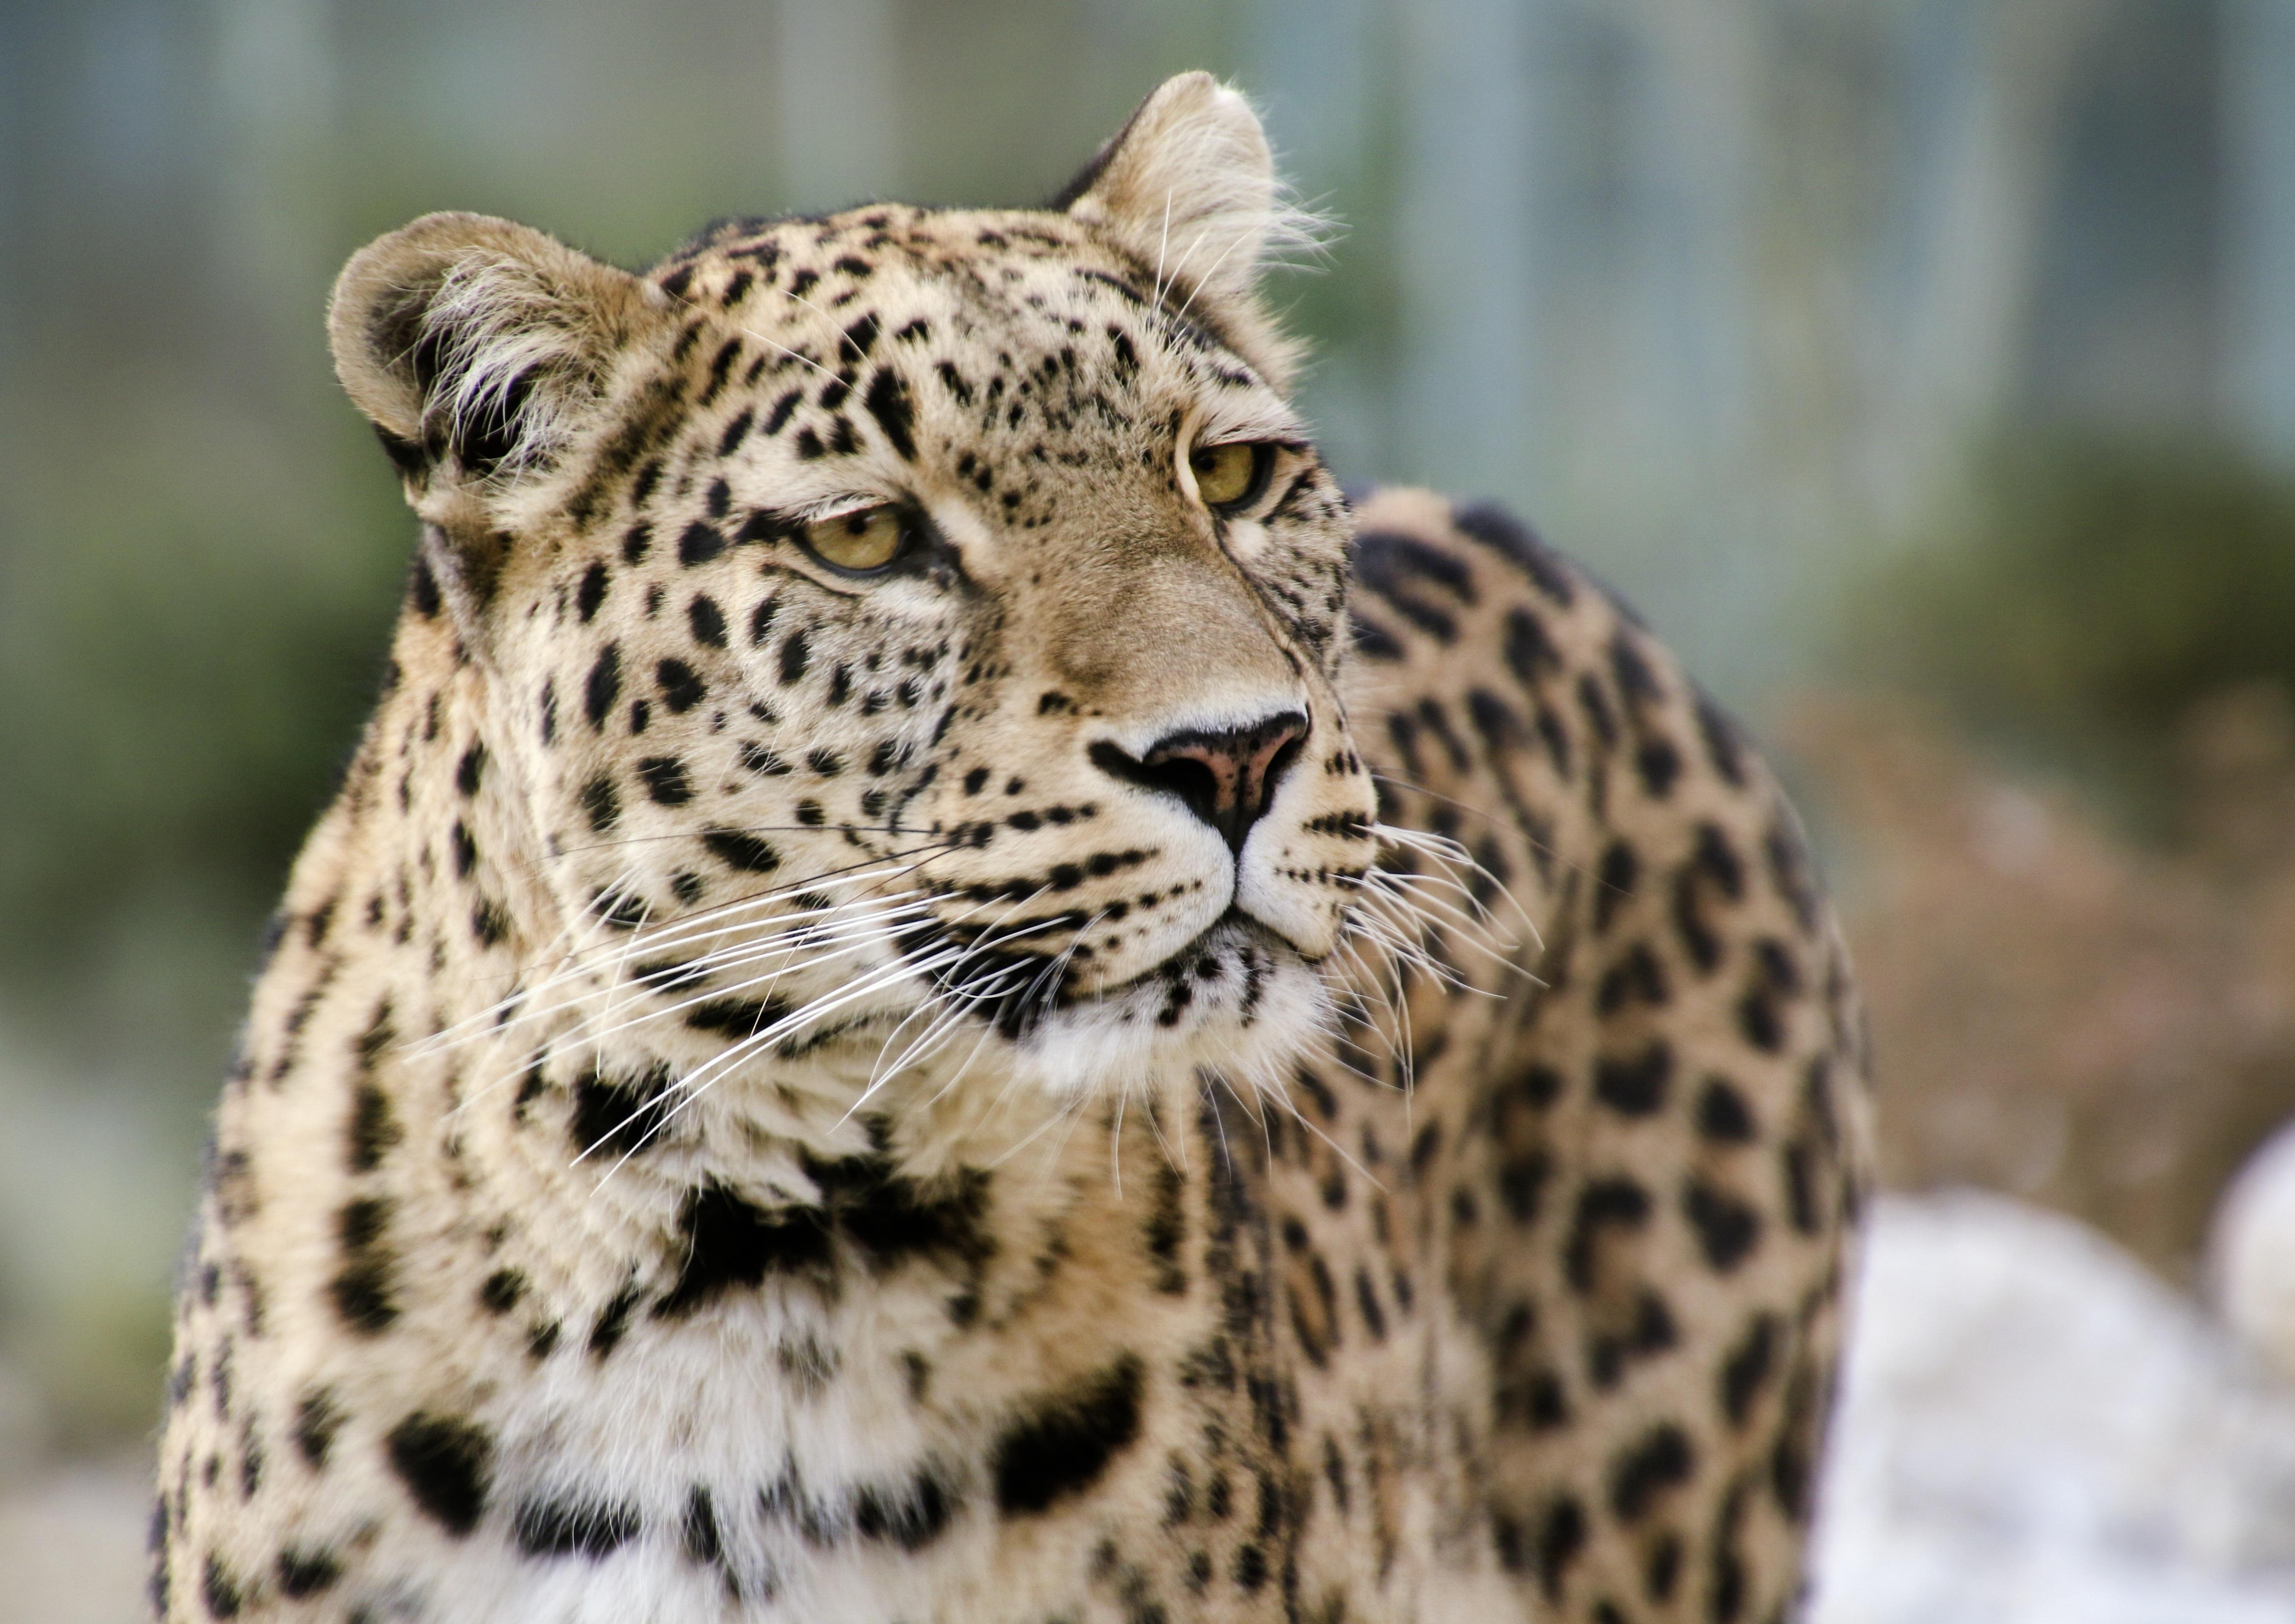 Darmowe Zdjęcia Widok Dzikiej Przyrody Ogród Zoologiczny